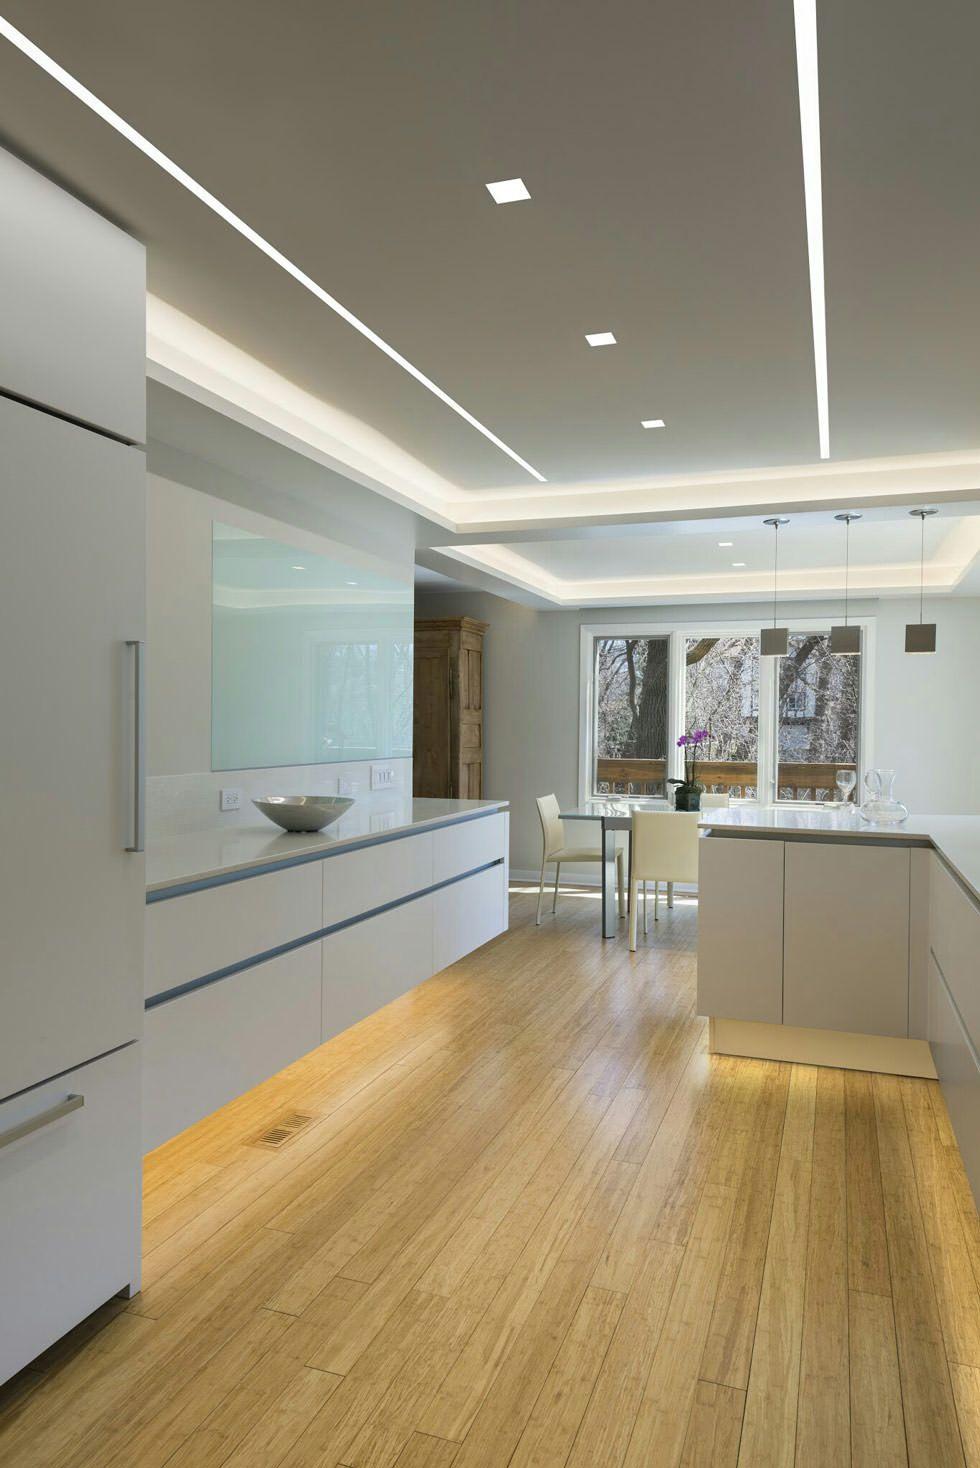 Spesso, le pareti sono irregolari, per cui i mobili su misura diventano fondamentali per sfruttarle al massimo. Controsoffitti In Cartongesso Guida Utile 50 Stupende Idee Ceiling Light Design Kitchen Ceiling Design Kitchen Led Lighting